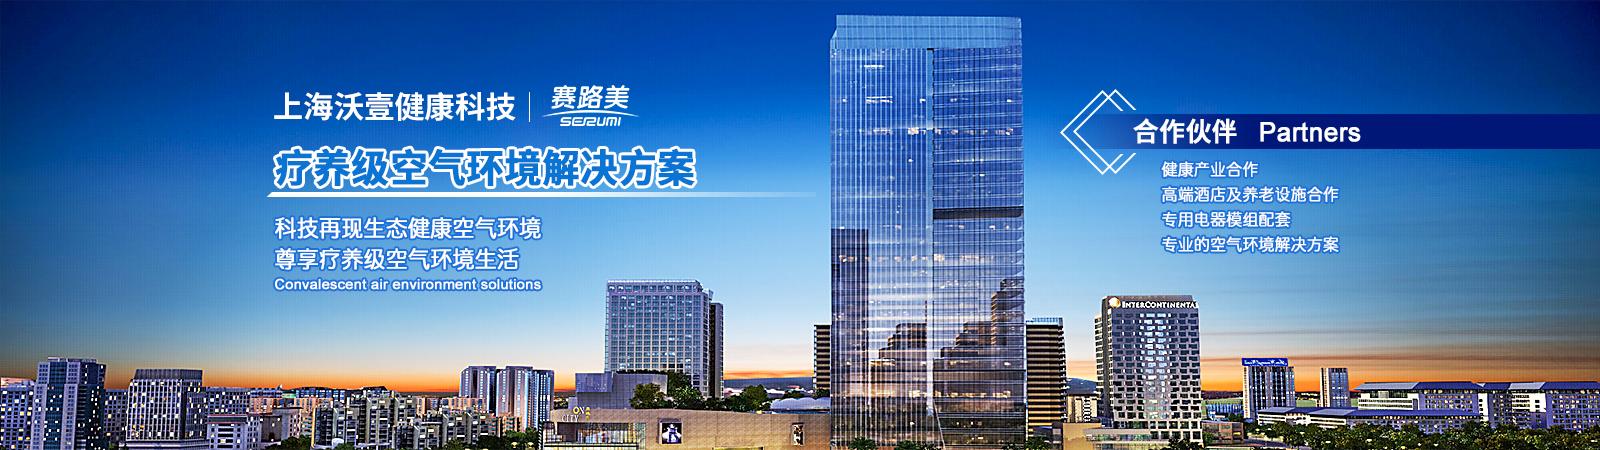 上海沃壹健康科技有限公司